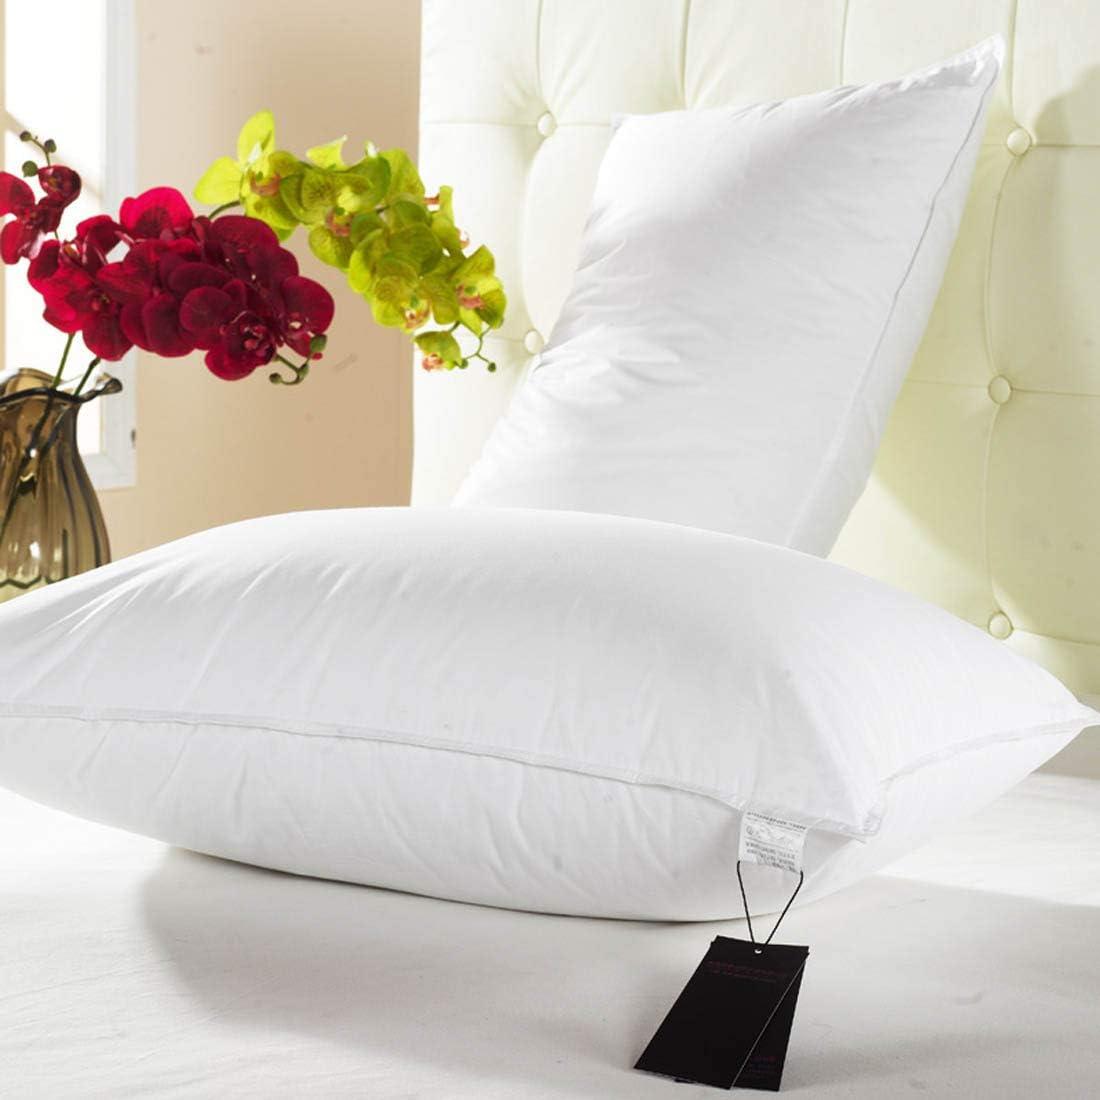 MISS&YG Superior 100% Almohadas De Plumas, 700 De Llenado De Energía,45 * 72cm/2 Pillows